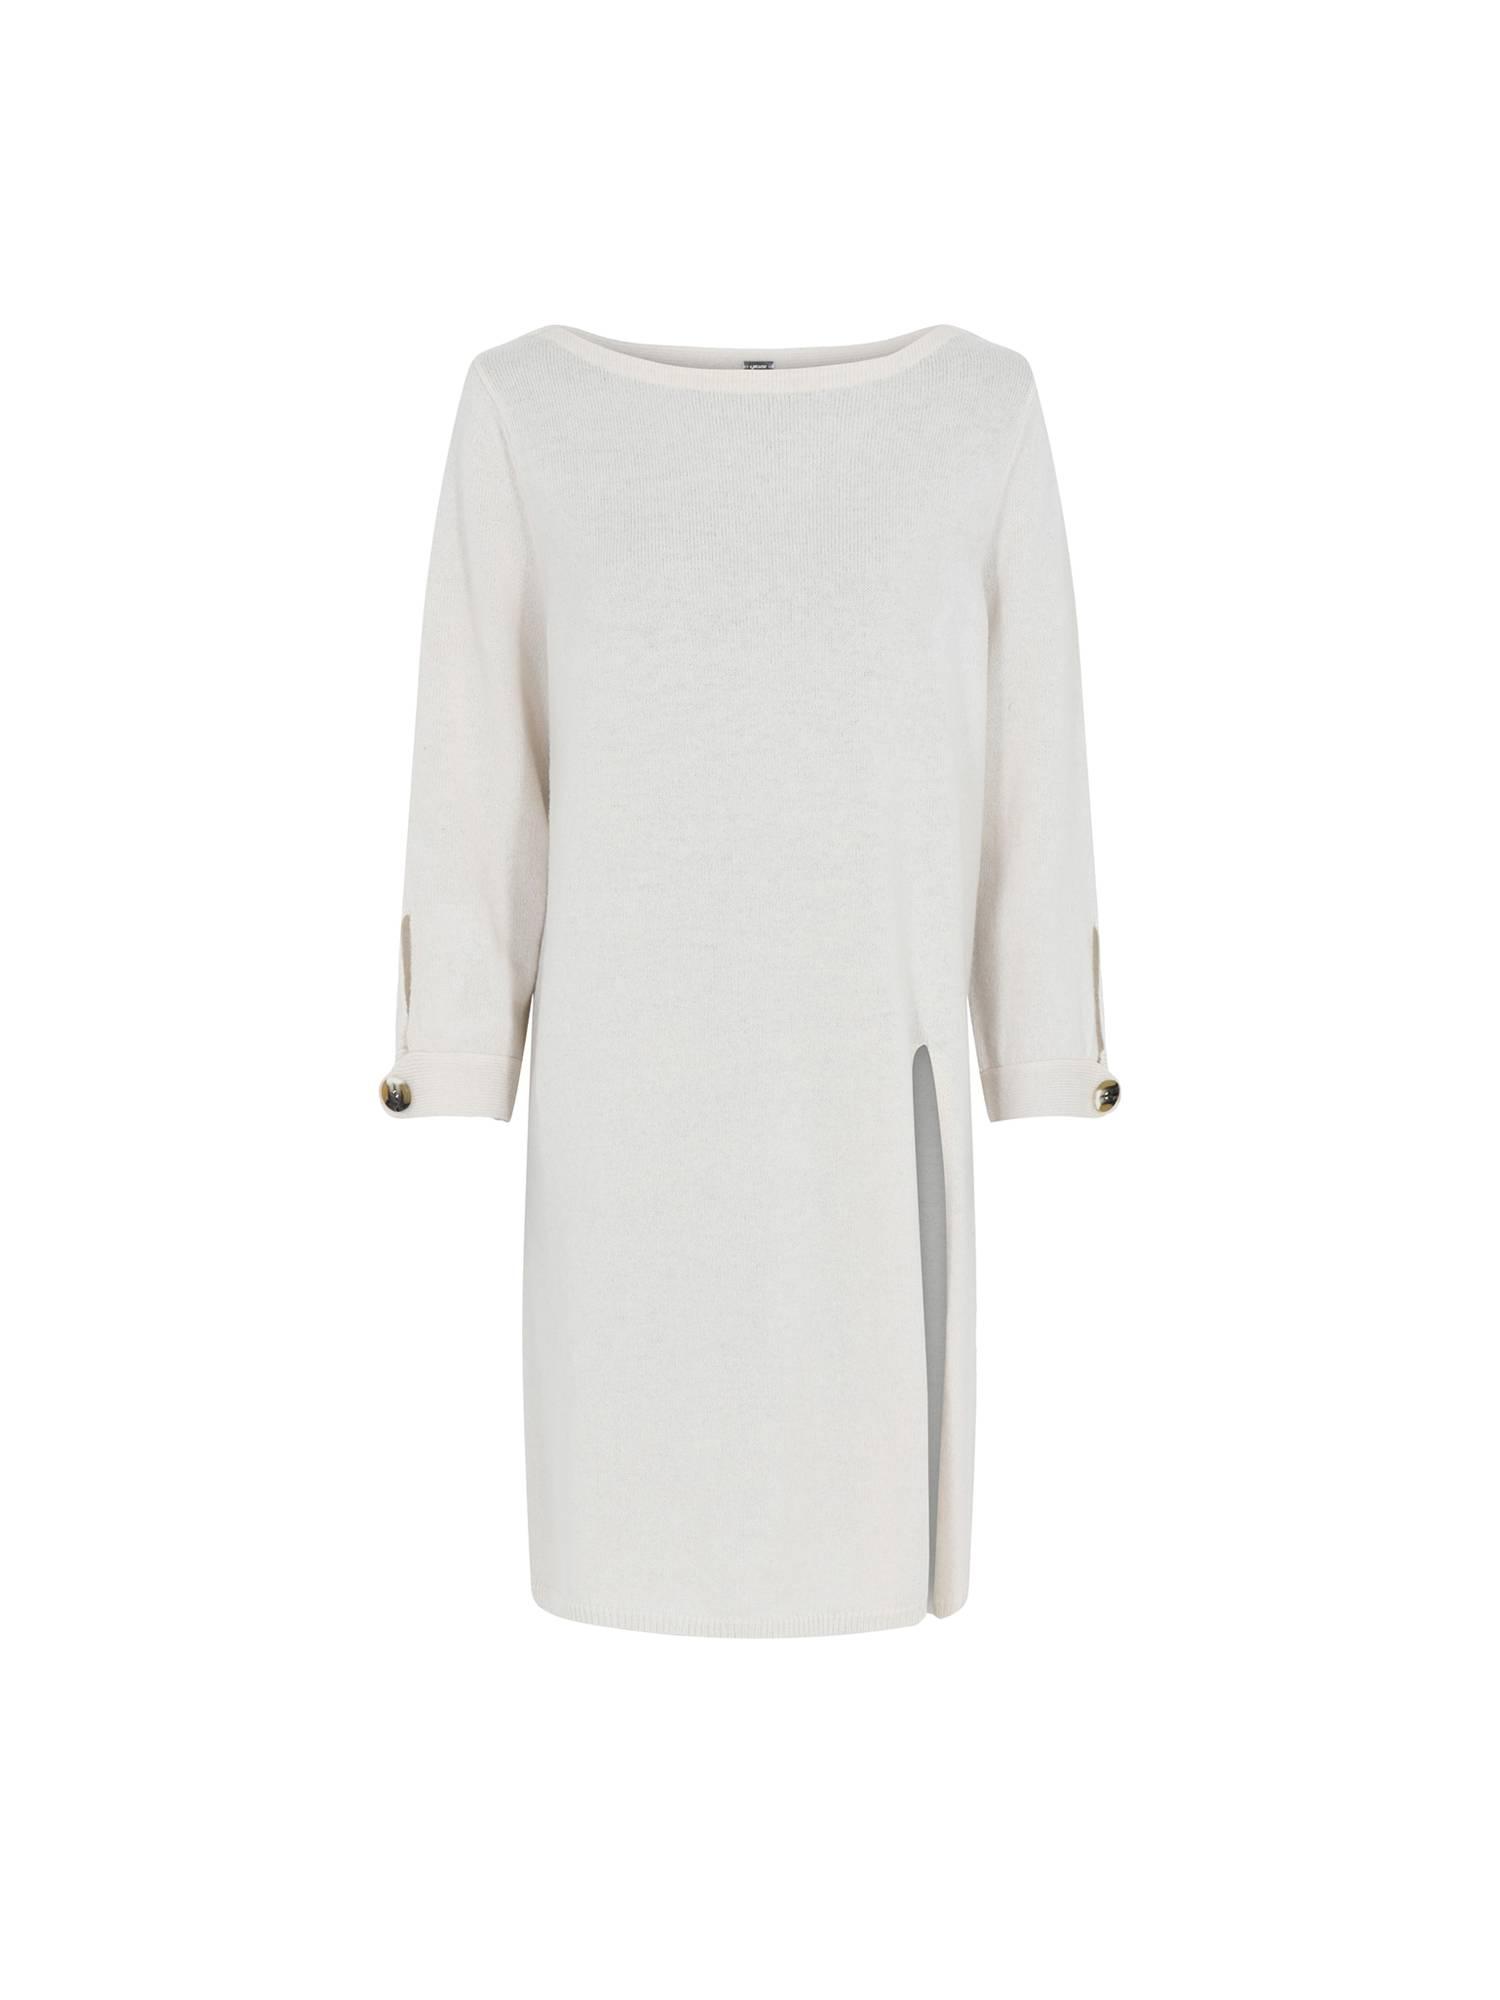 Witte dames jurk Gustav - 3693-0-589